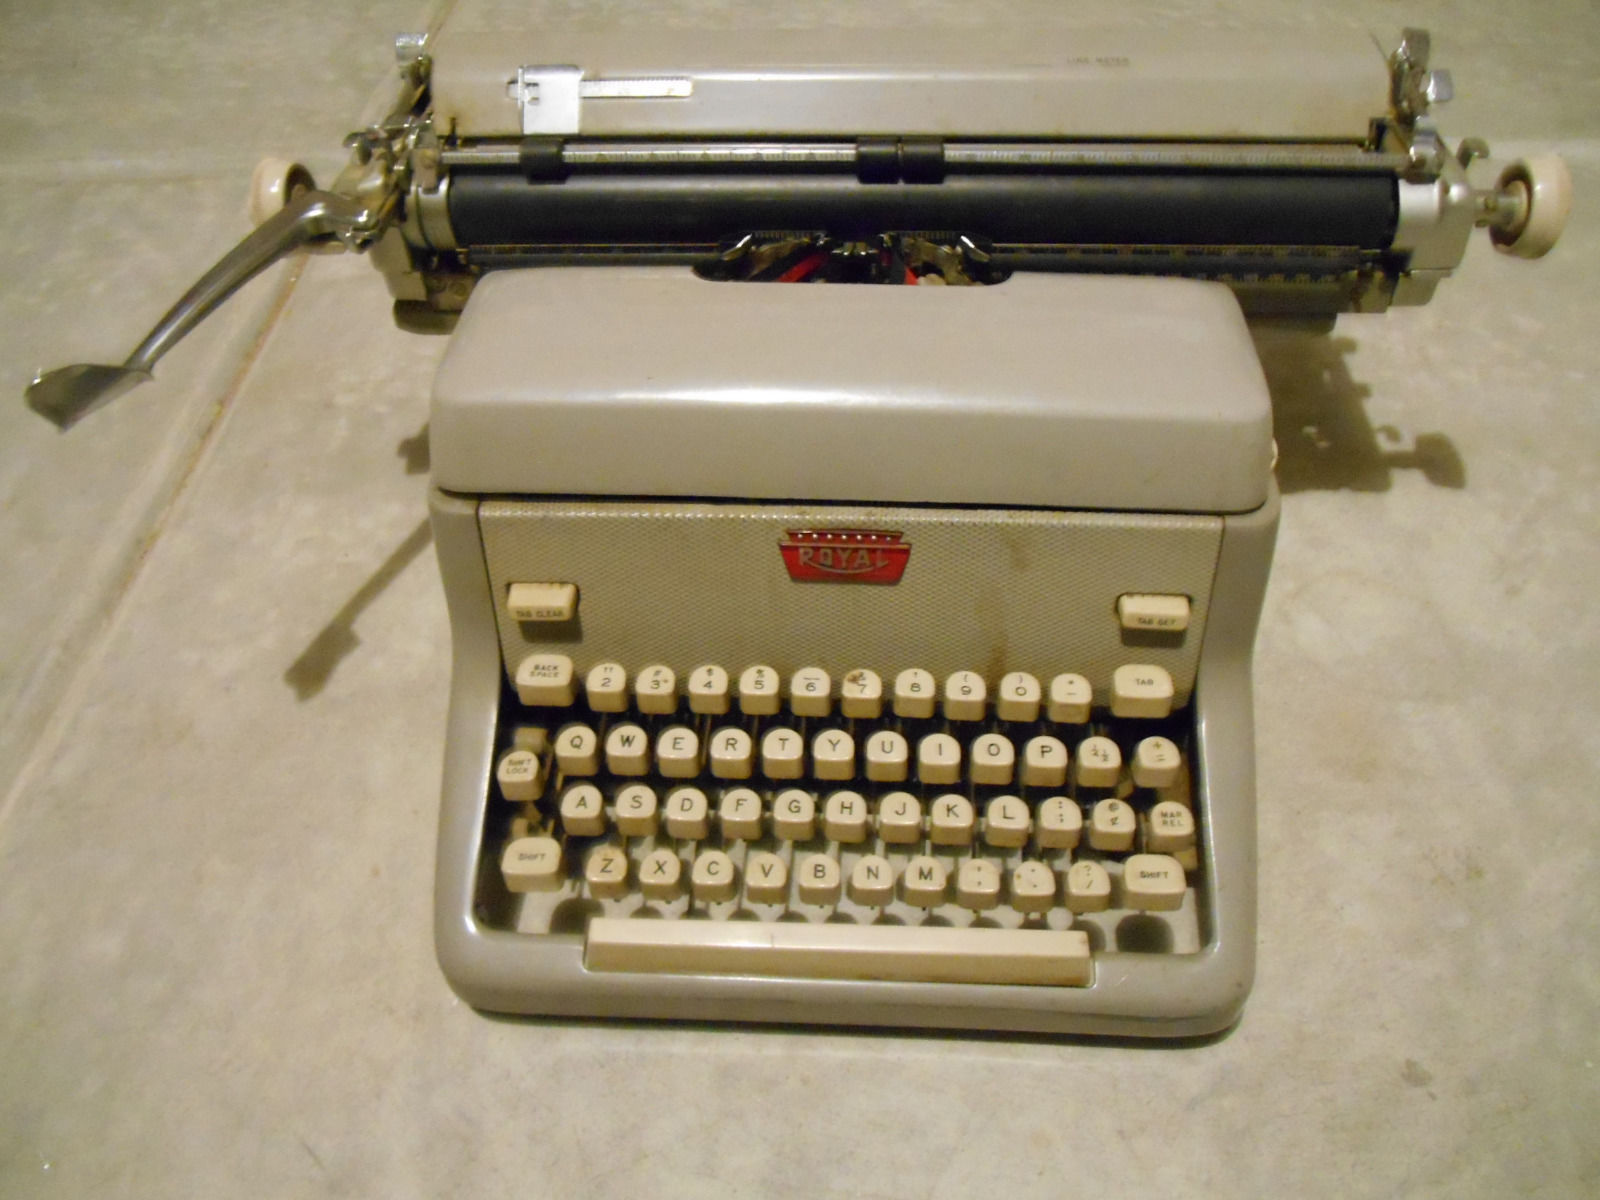 Antique Royal manual mechanical typewriter Needs work.